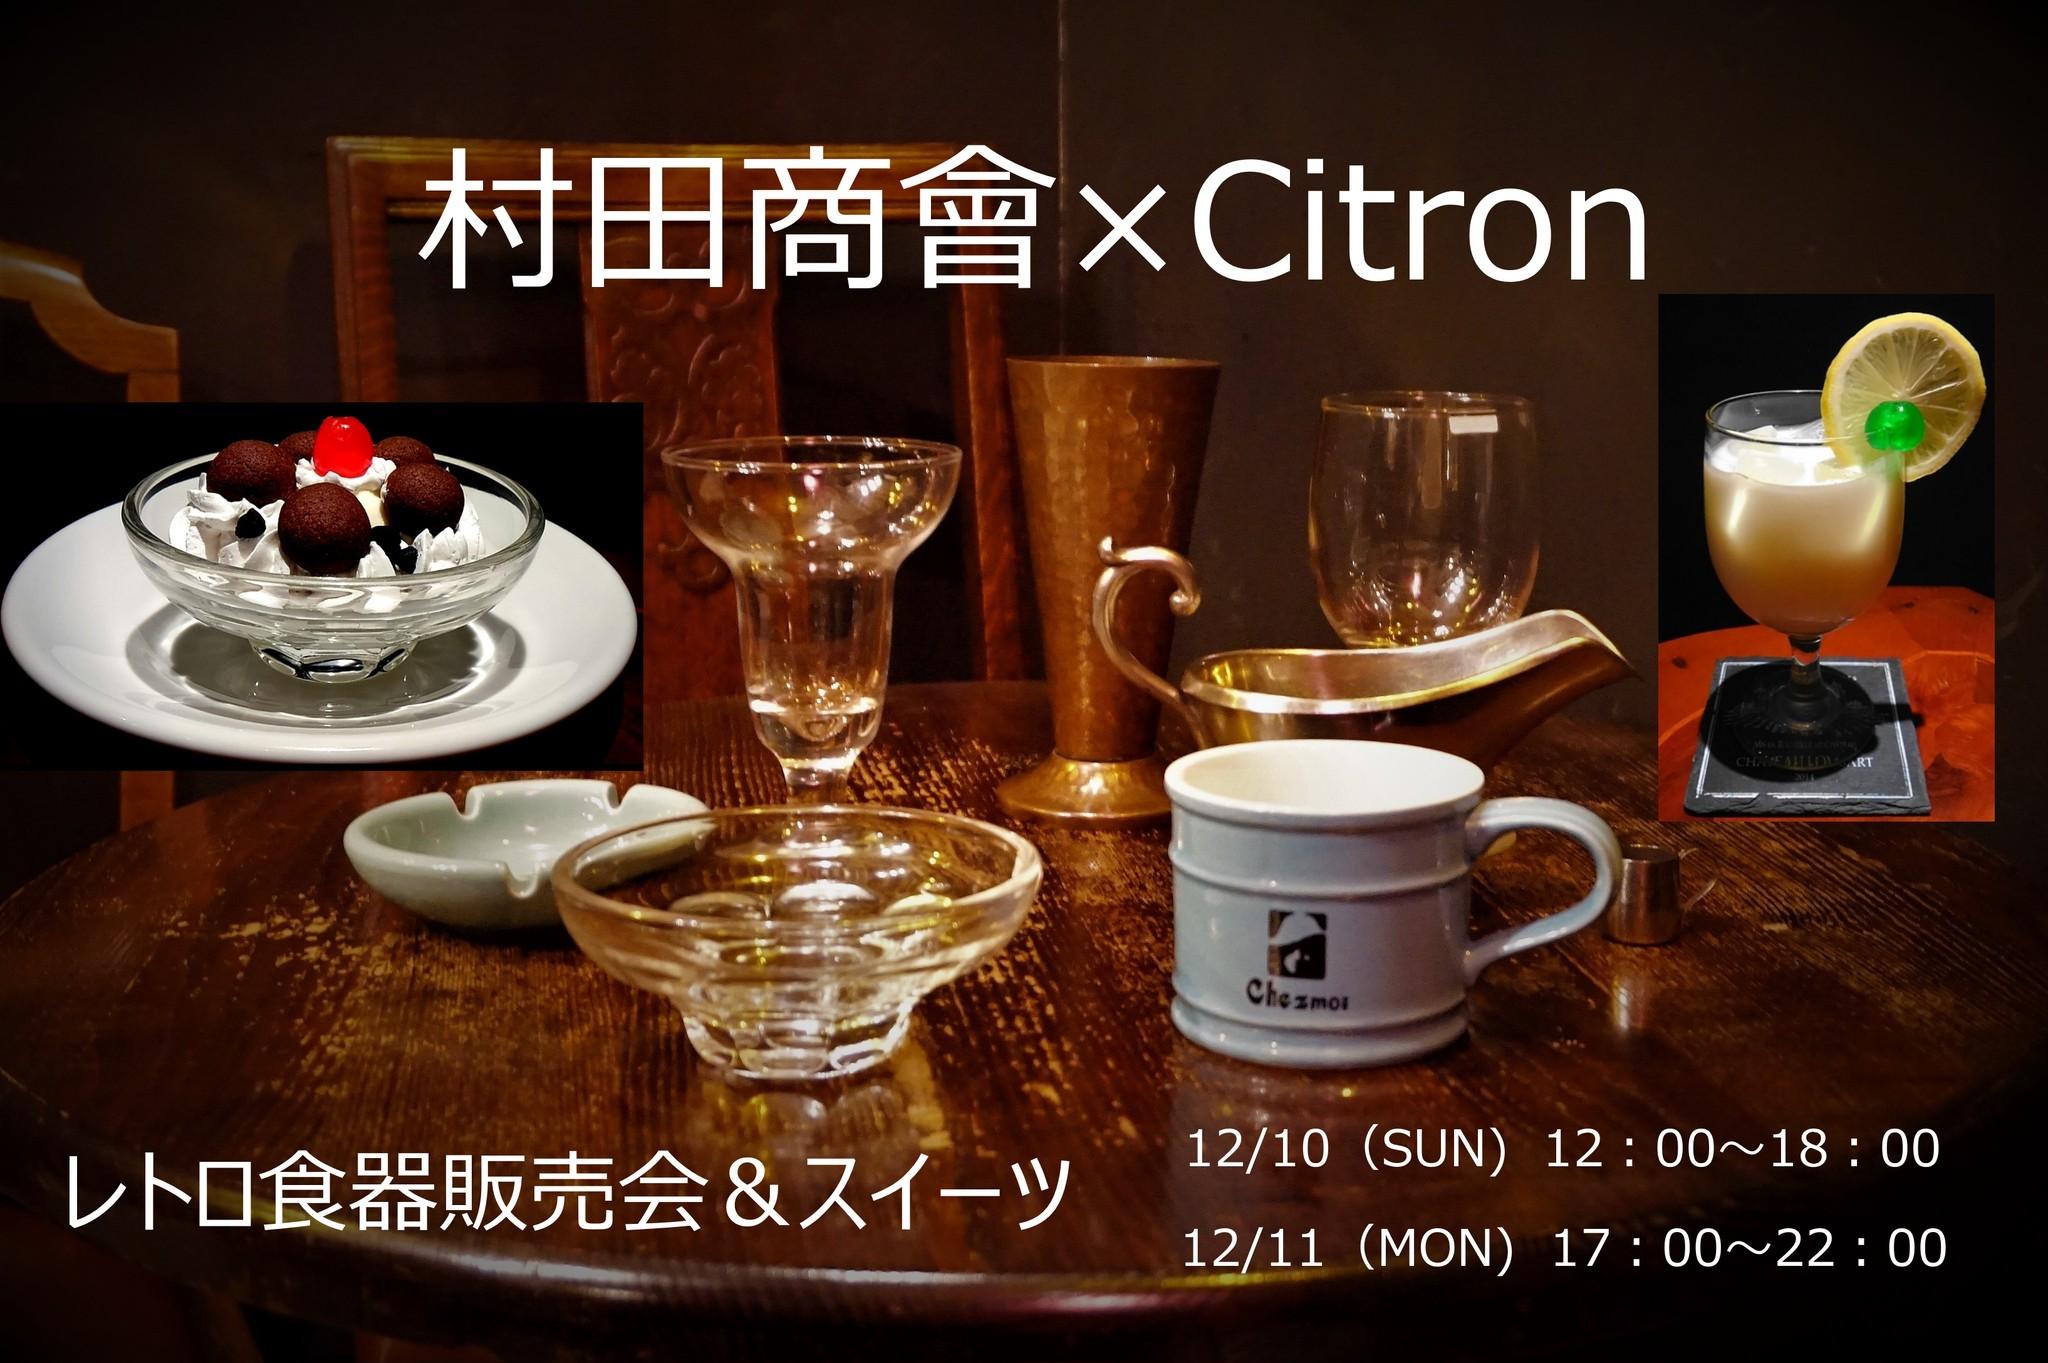 12月10日(日)11日(月)高円寺の喫茶店『Citron』にて食器の販売会を行います